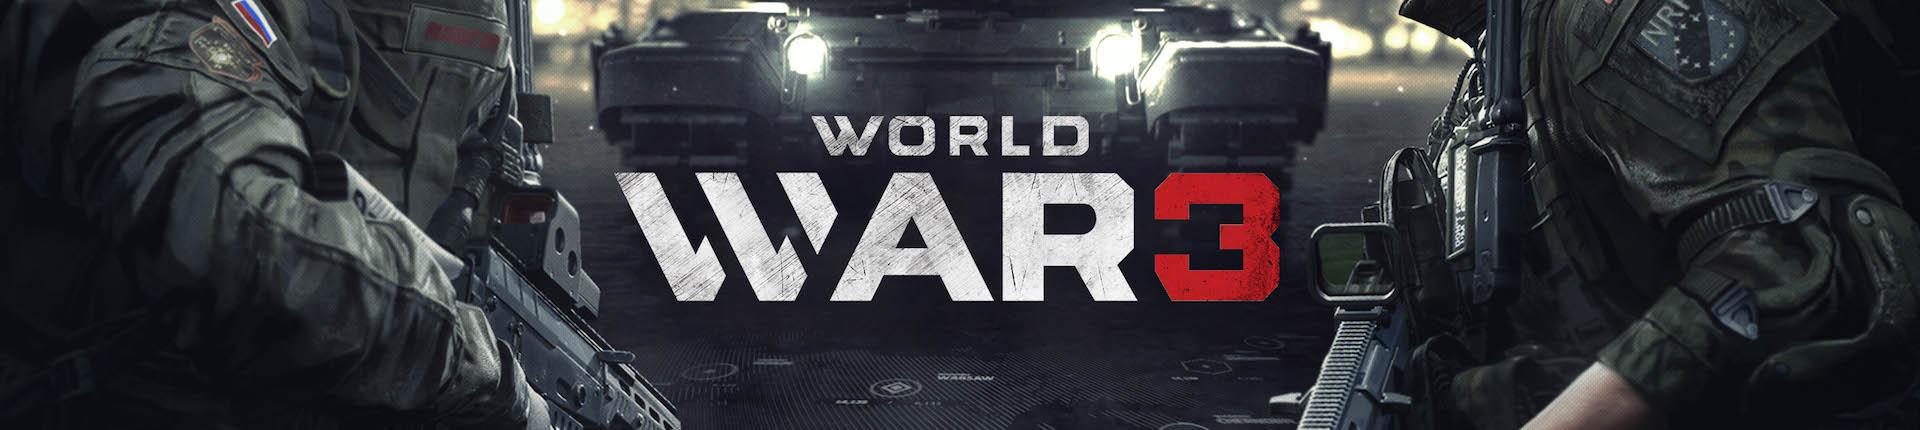 <a href='https://www.mightygamesmag.de/all-game-list/world-war-3/'>Zum Spiel</a>